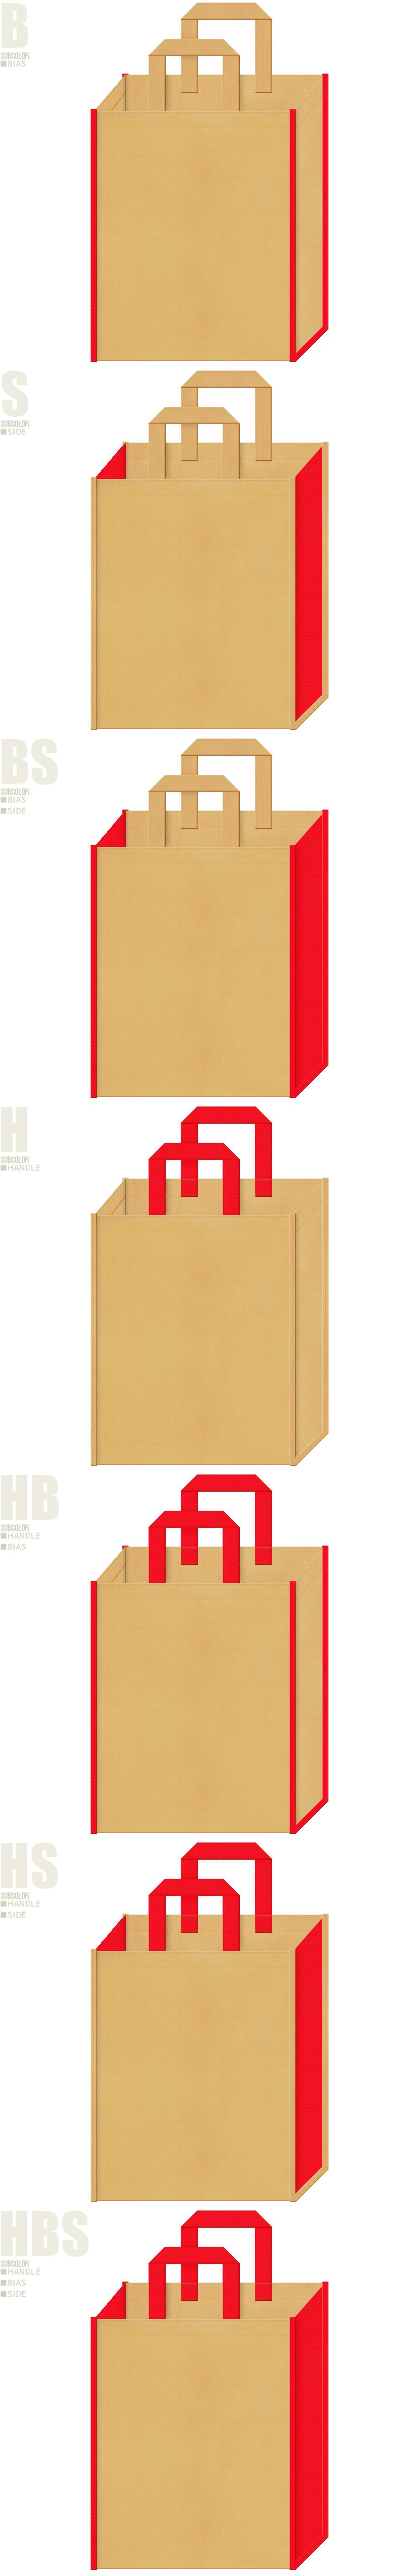 赤鬼・節分・大豆・一合枡・和風催事にお奨めの不織布バッグデザイン:薄黄土色と赤色の配色7パターン